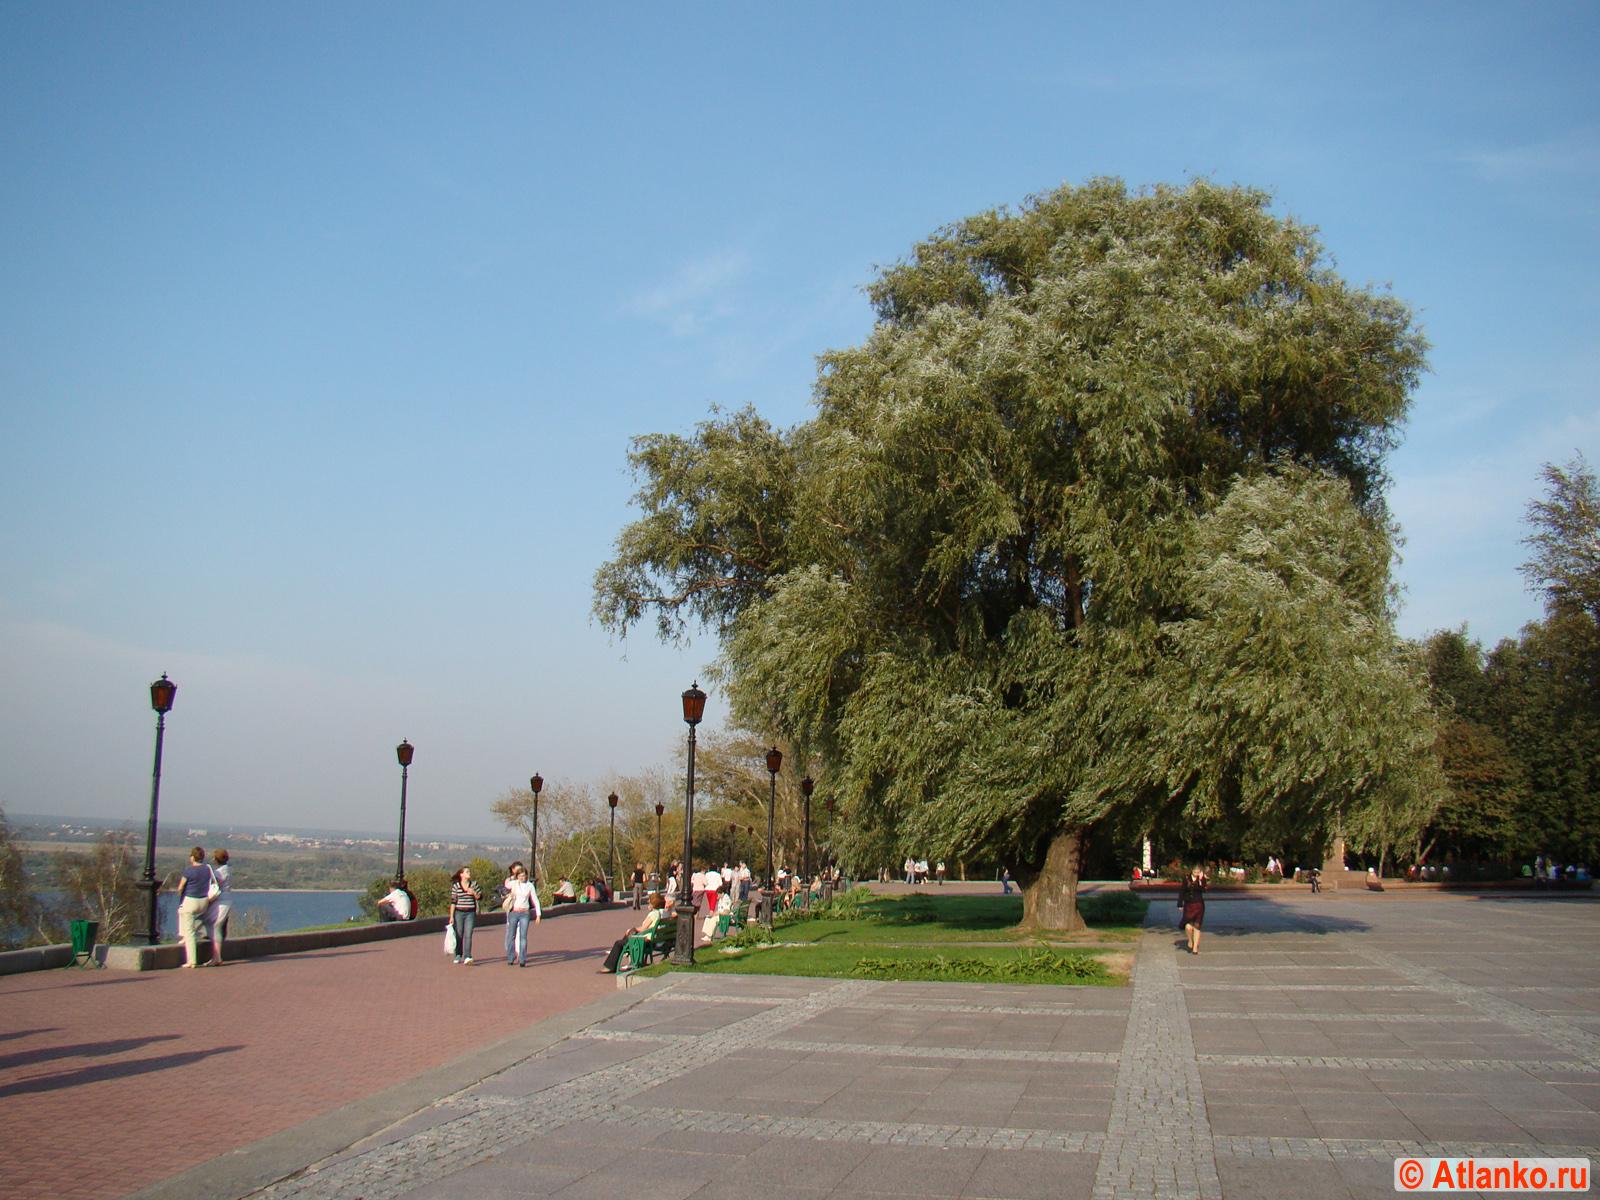 Ива белая (Salix alba L.) - красивое дерево в Нижегородском Кремле у мемориального комплекса Вечный огонь. Нижний Новгород. Фотография